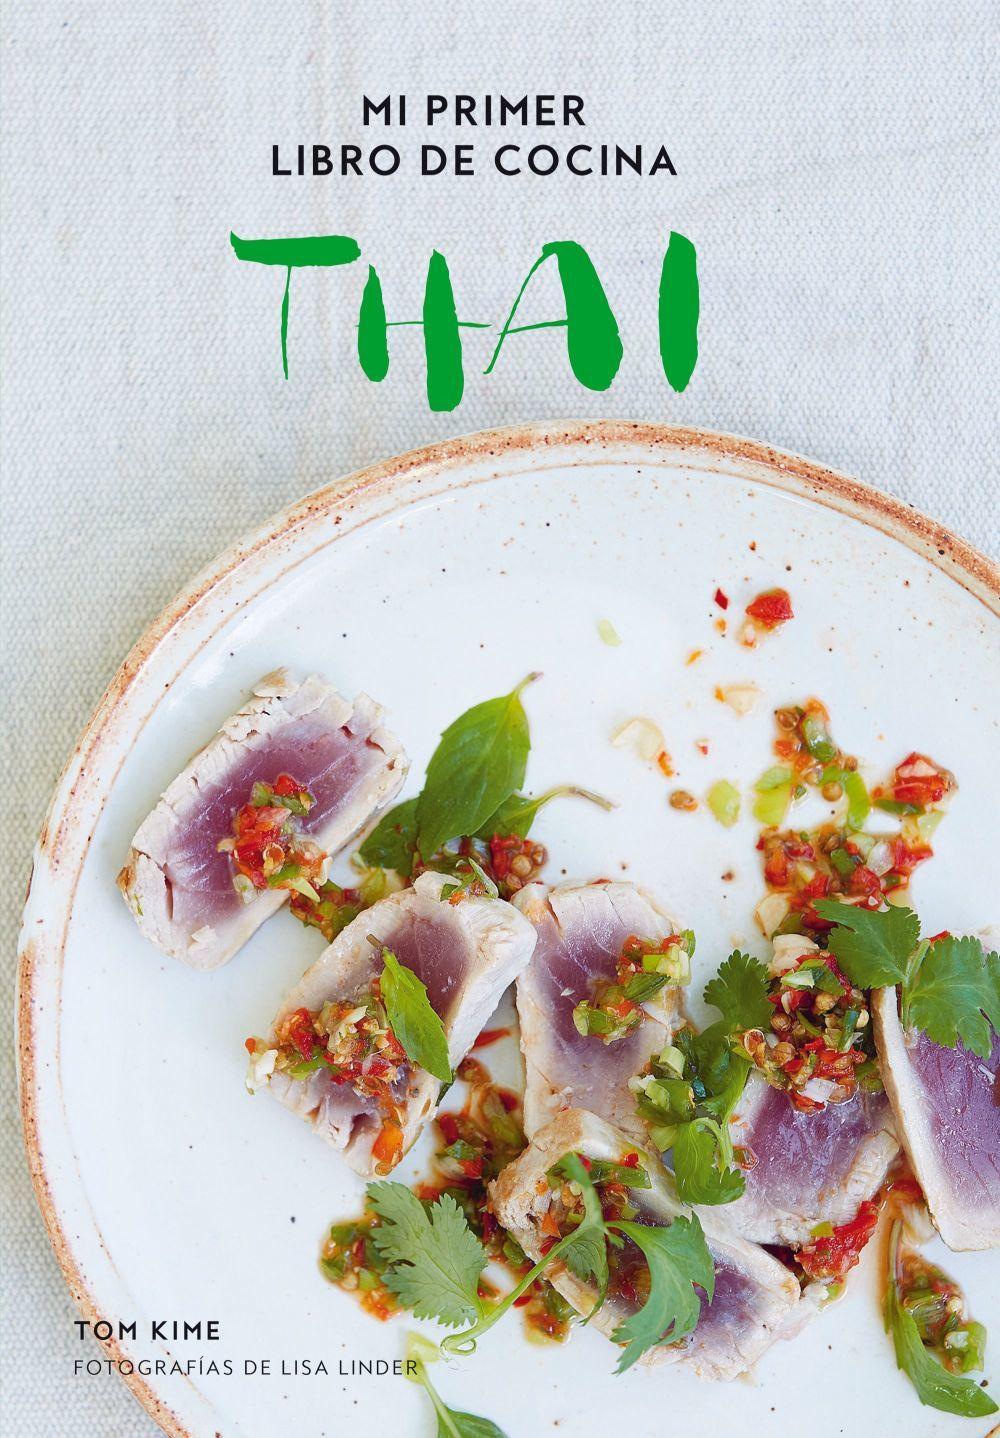 La cocina tailandesa aterriza directamente en tu mesa. Con este libro...